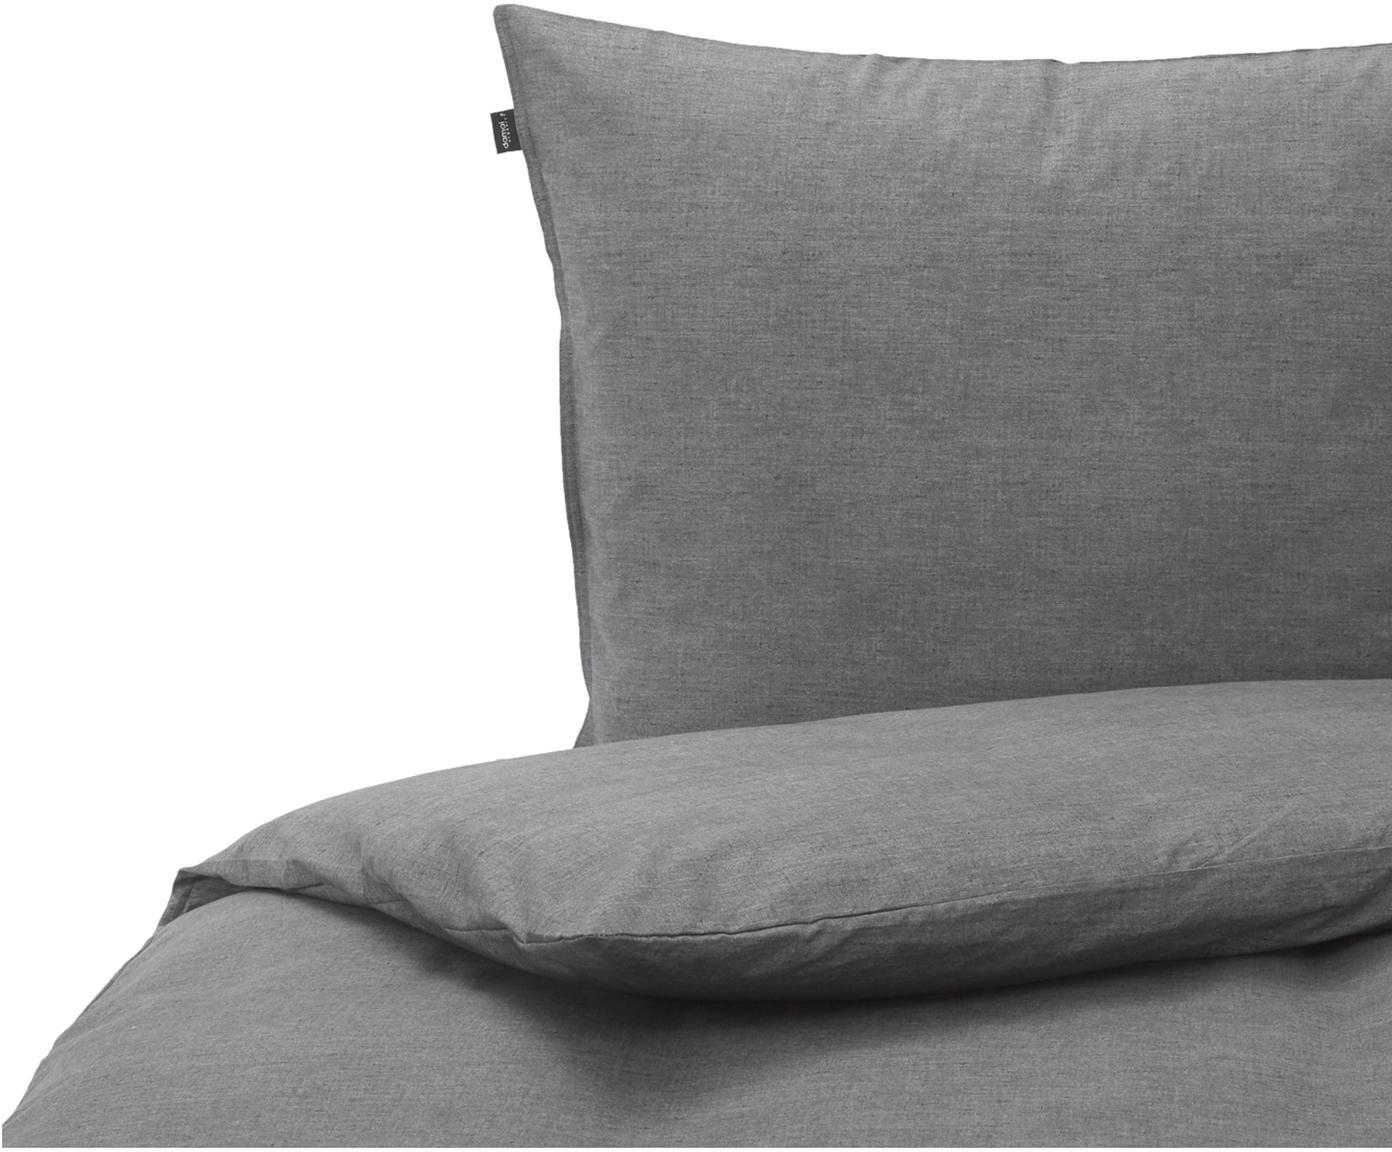 Bettwäsche Raja in Dunkelgrau aus Bio-Baumwolle, 100% Bio-Baumwolle  Fadendichte 120 TC, Standard Qualität  Bettwäsche aus Baumwolle fühlt sich auf der Haut angenehm weich an, nimmt Feuchtigkeit gut auf und eignet sich für Allergiker., Anthrazit, 135 x 200 cm + 1 Kissen 80 x 80 cm